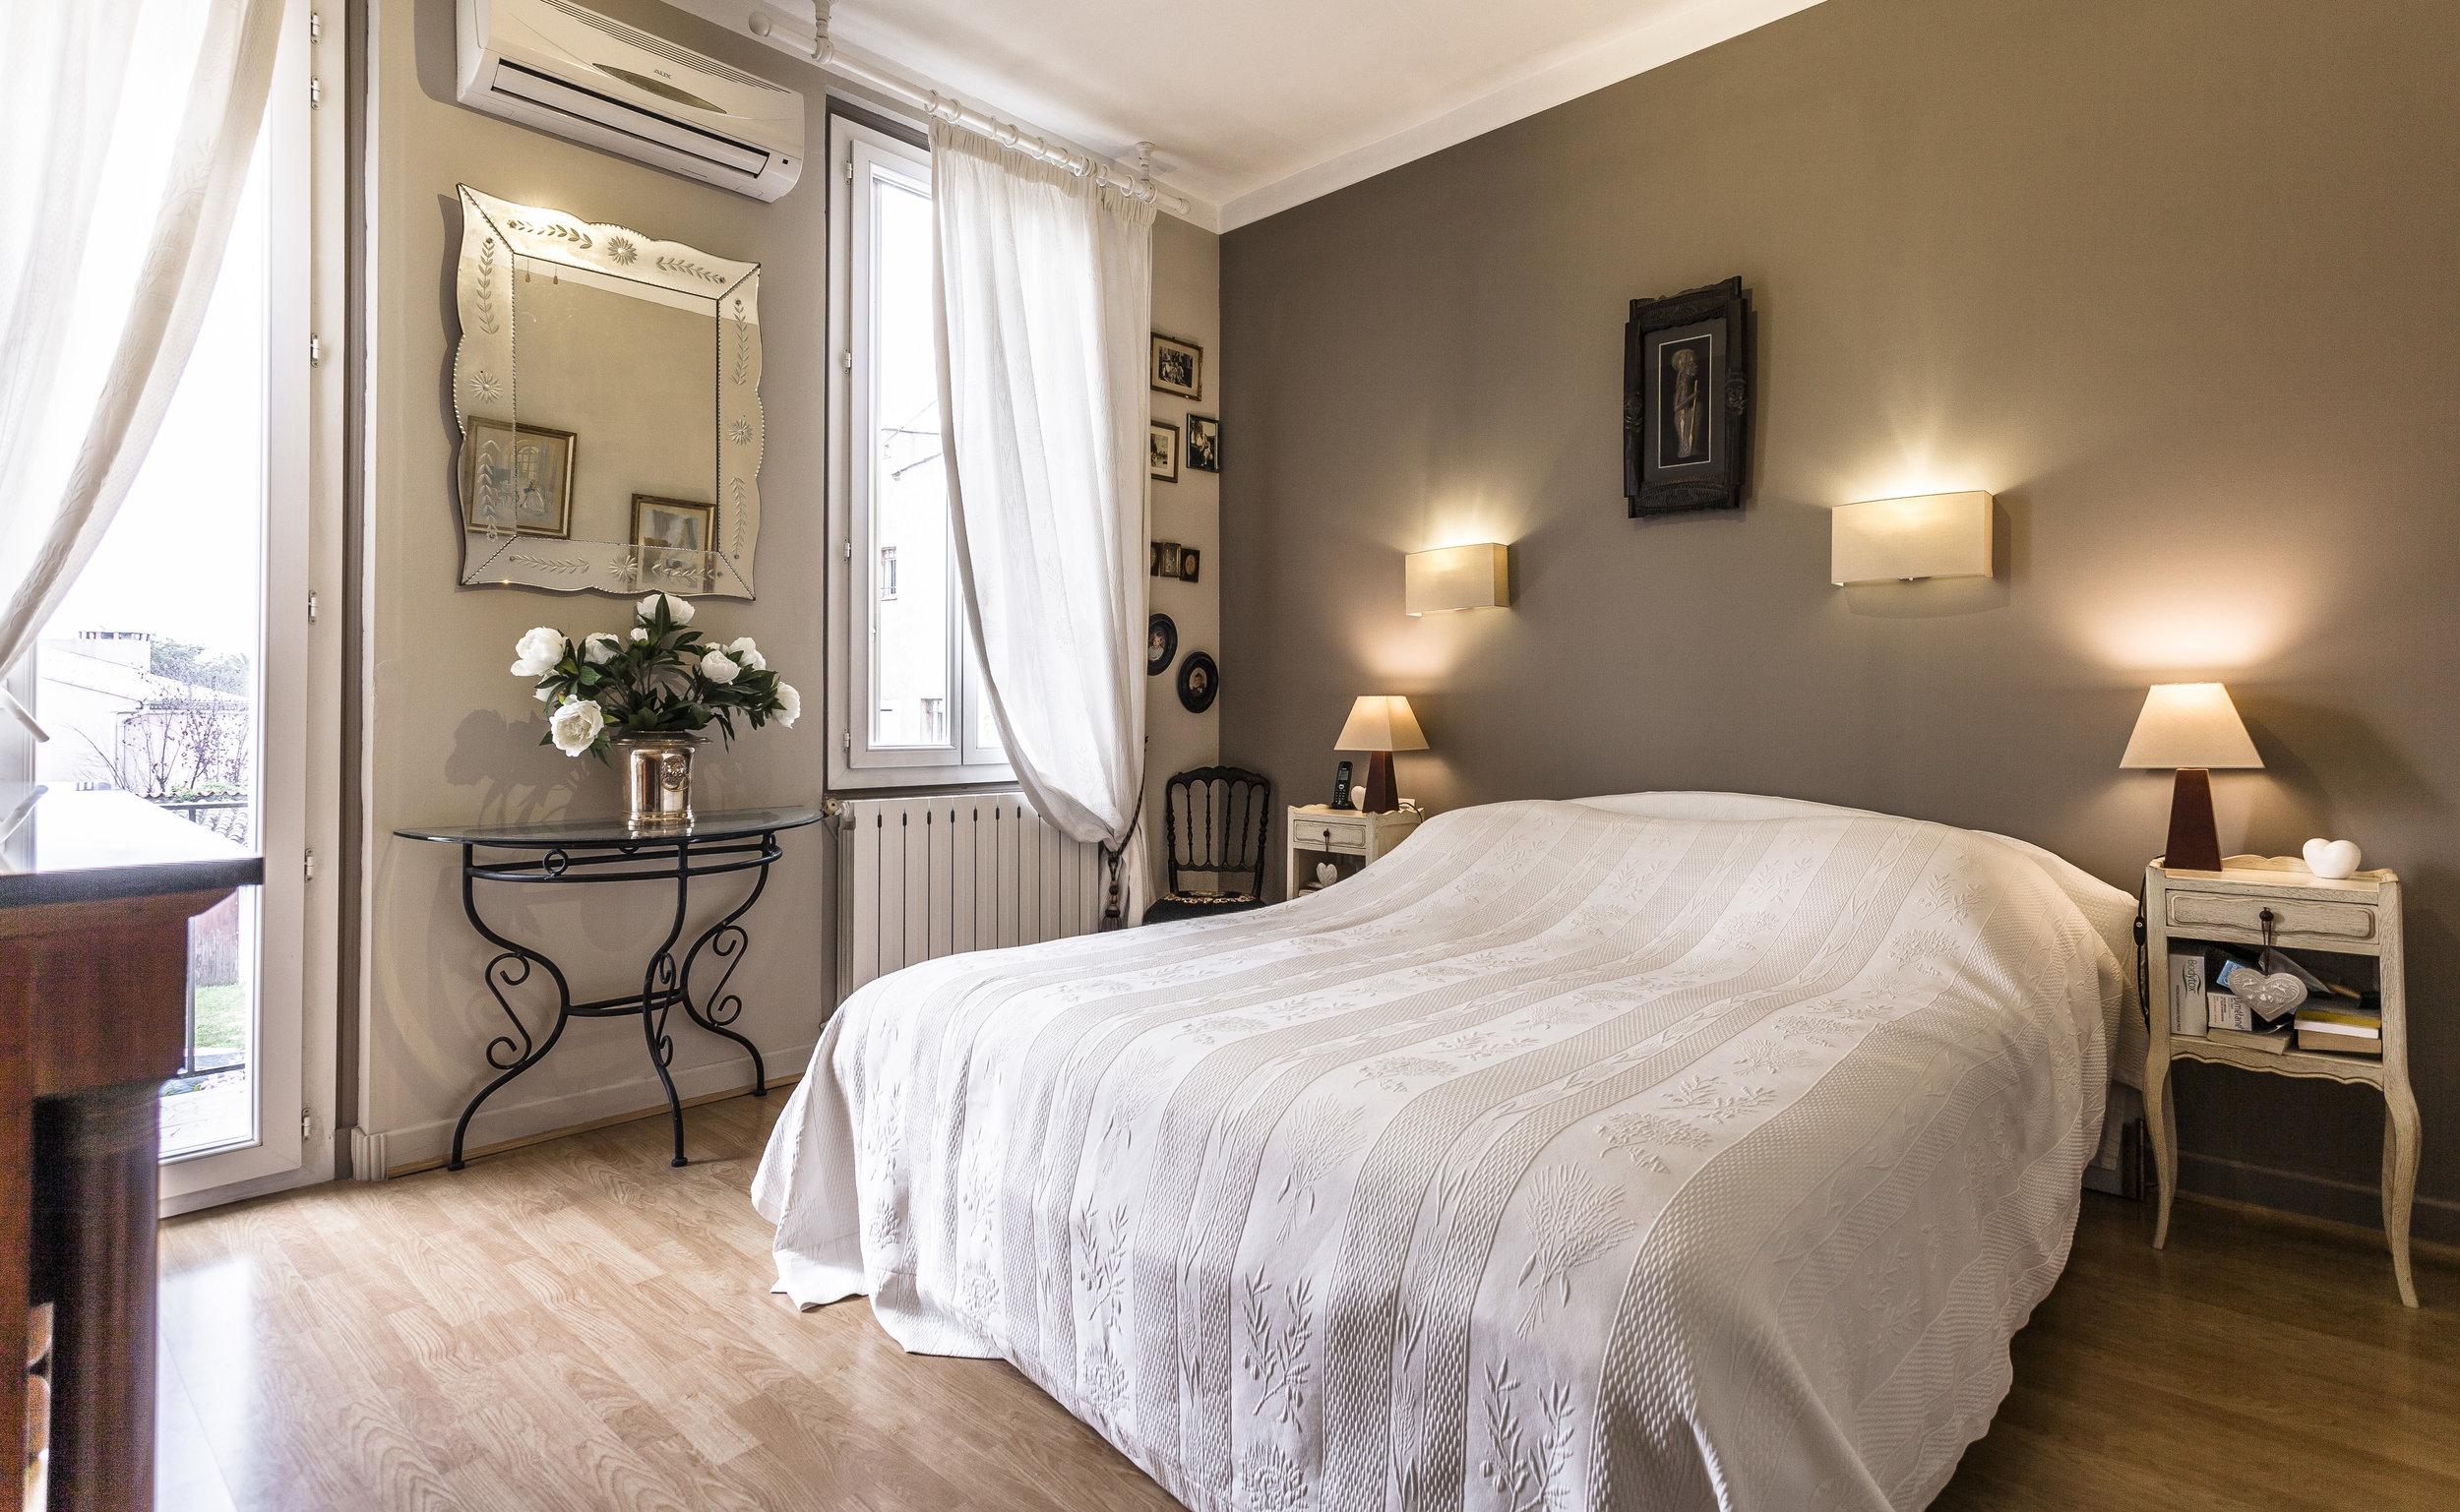 2335_gorini_immobilier_photographe_nice_cagnes_france_azure.JPG